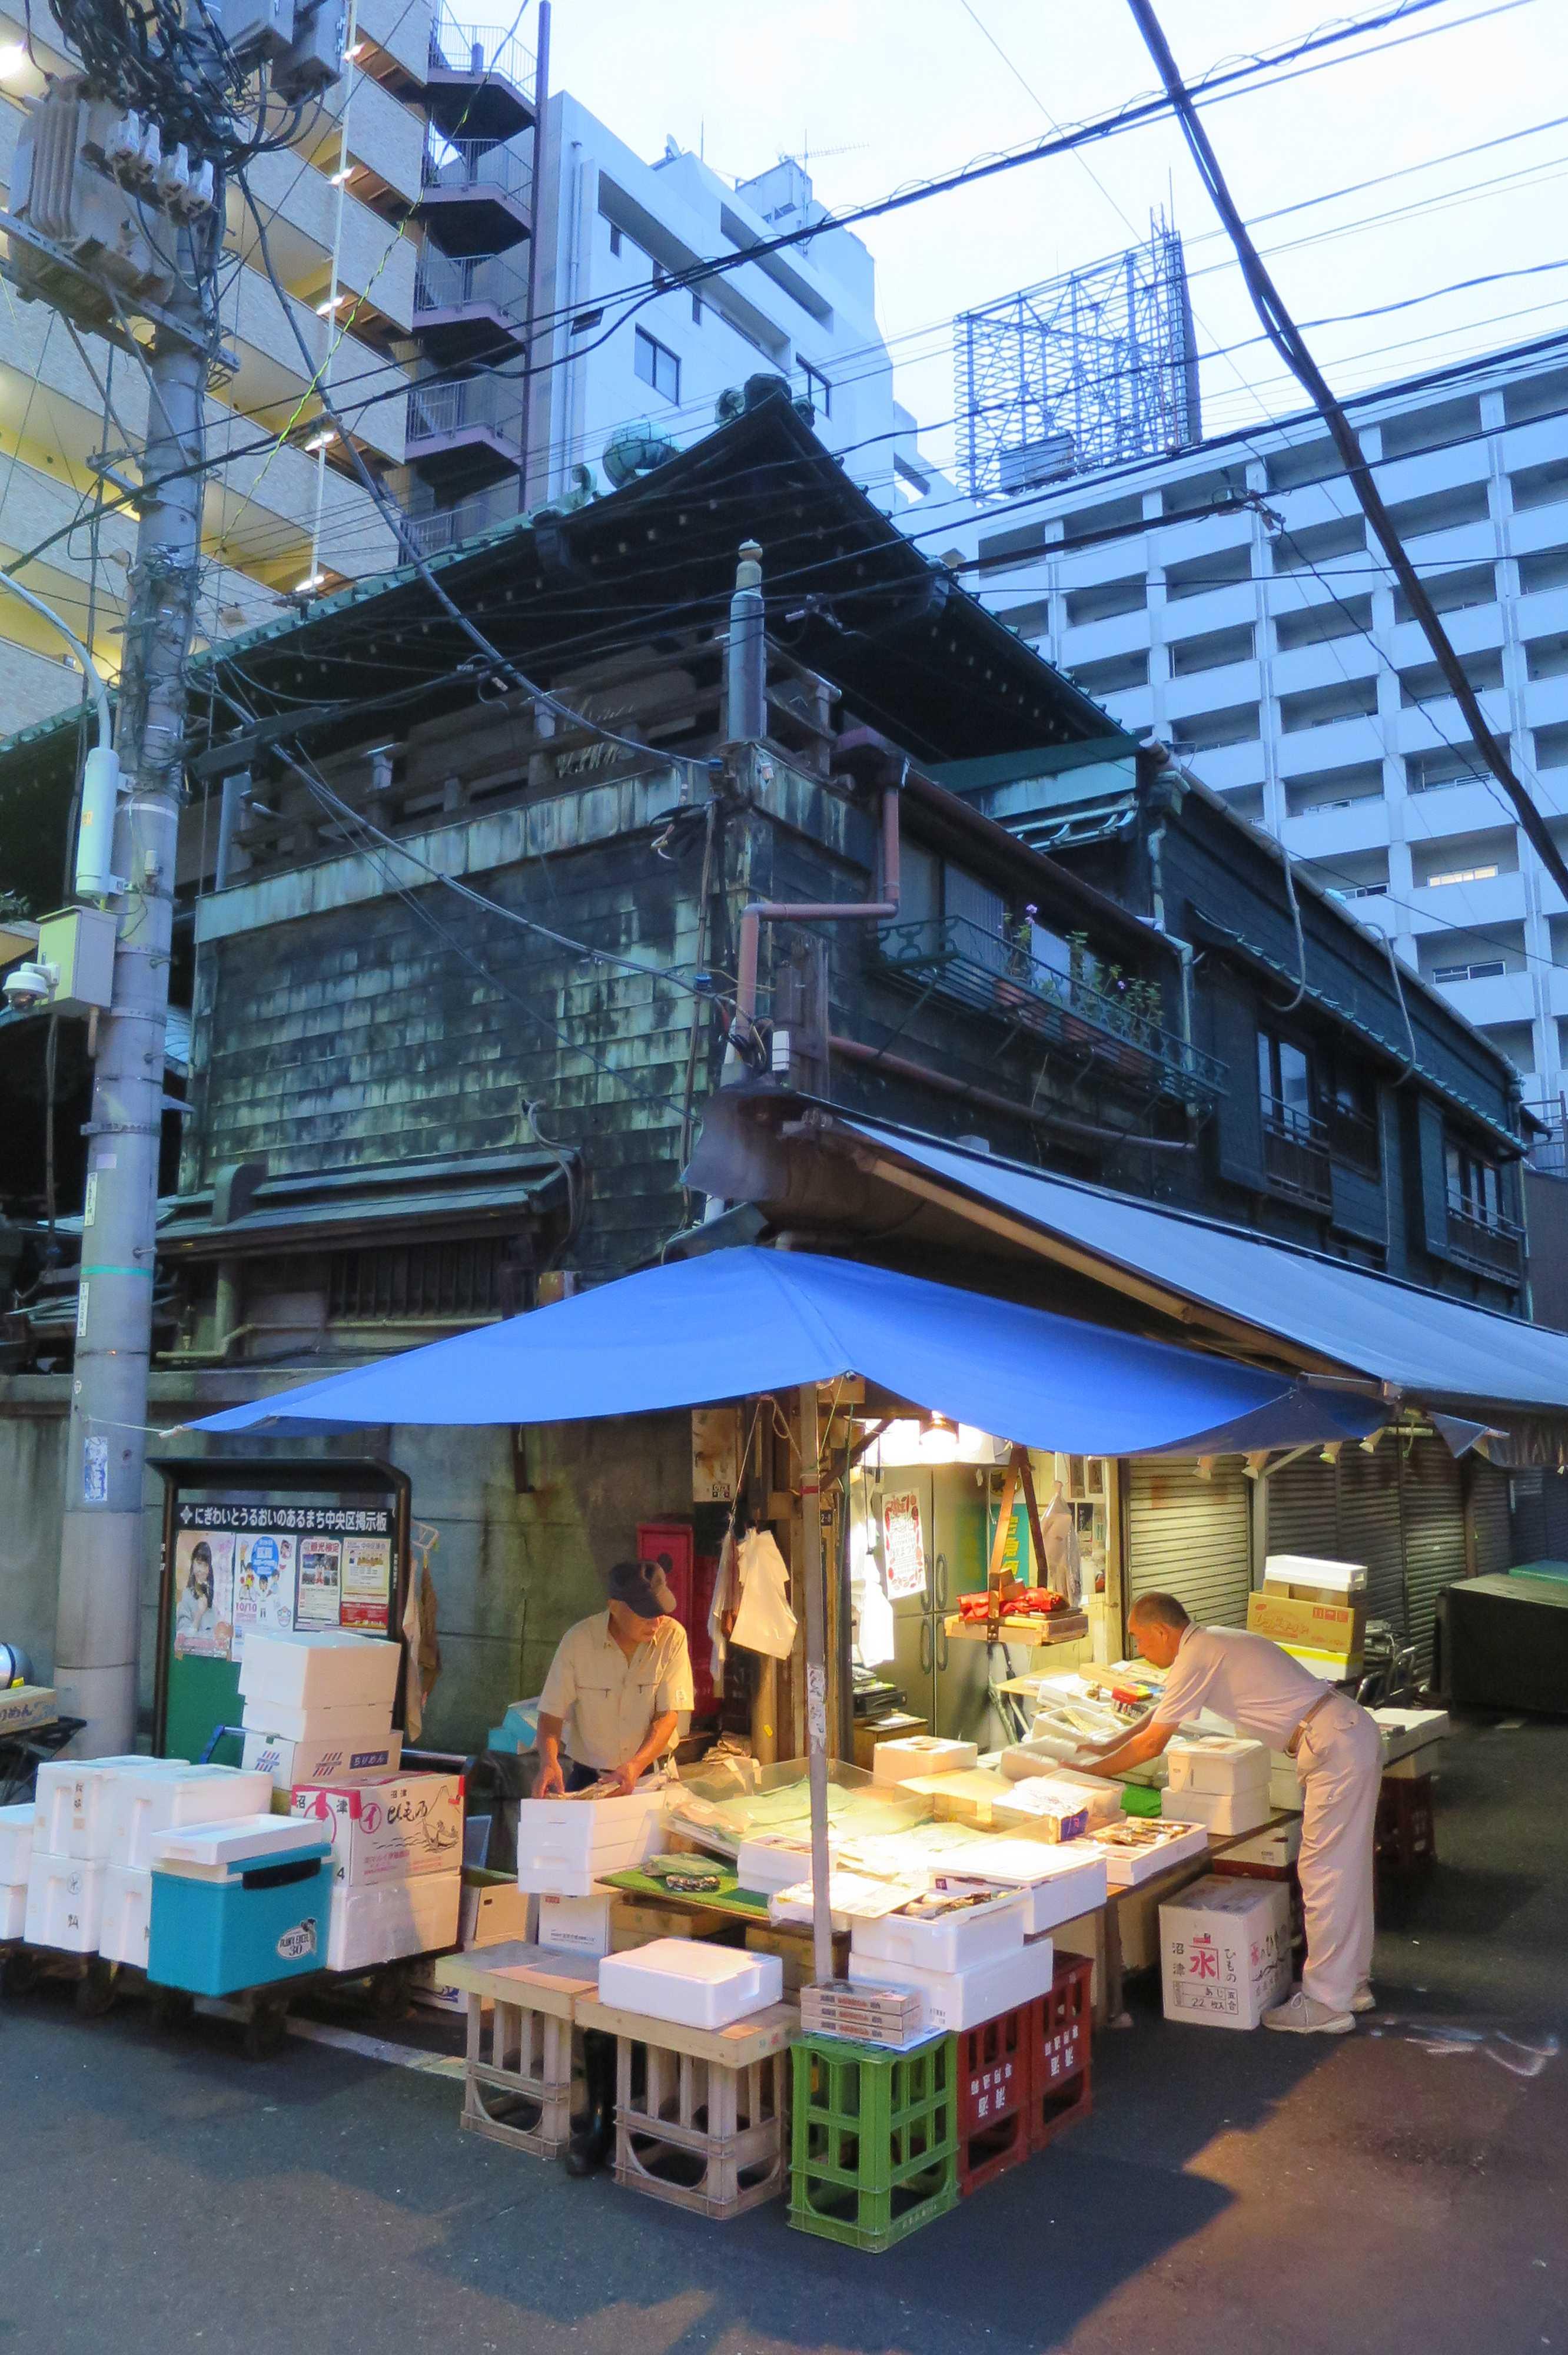 築地場外市場 - 緑青が吹き出した銅板貼りの看板建築